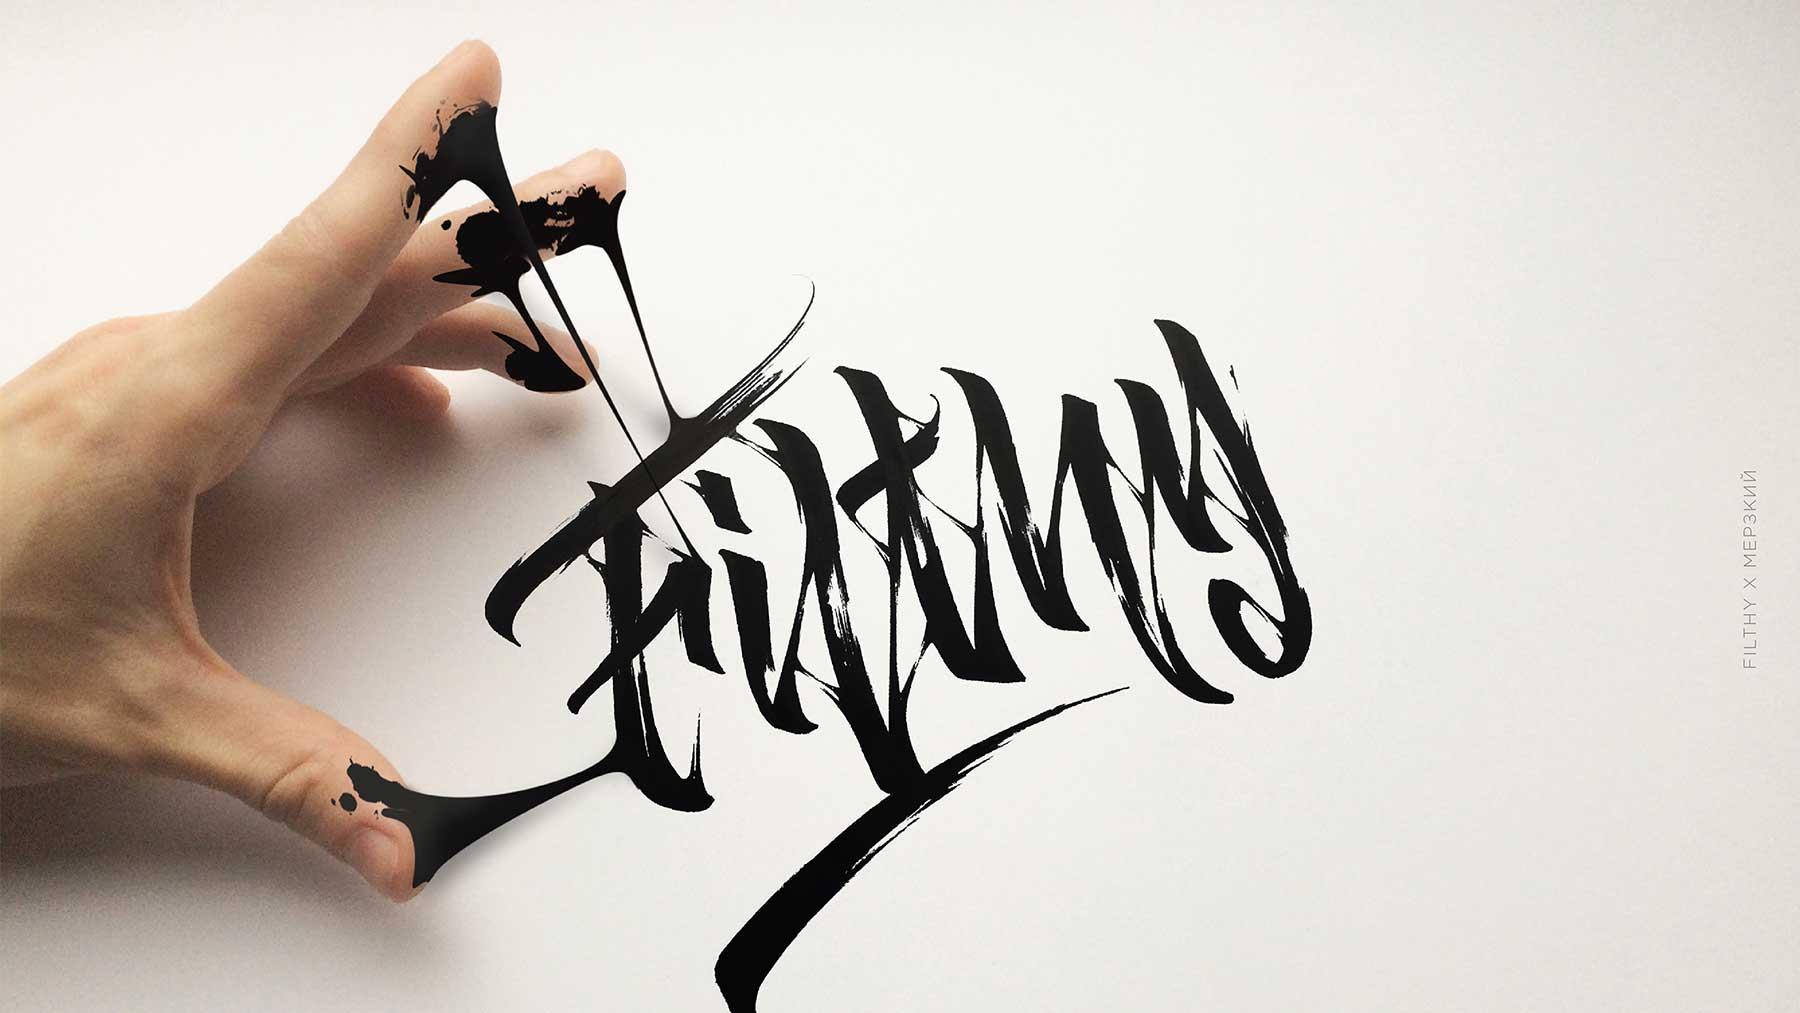 Schöngeschriebenes entsprechend der Wortbedeutung Dima-AbraKadabra-calligraphy-meaning_07